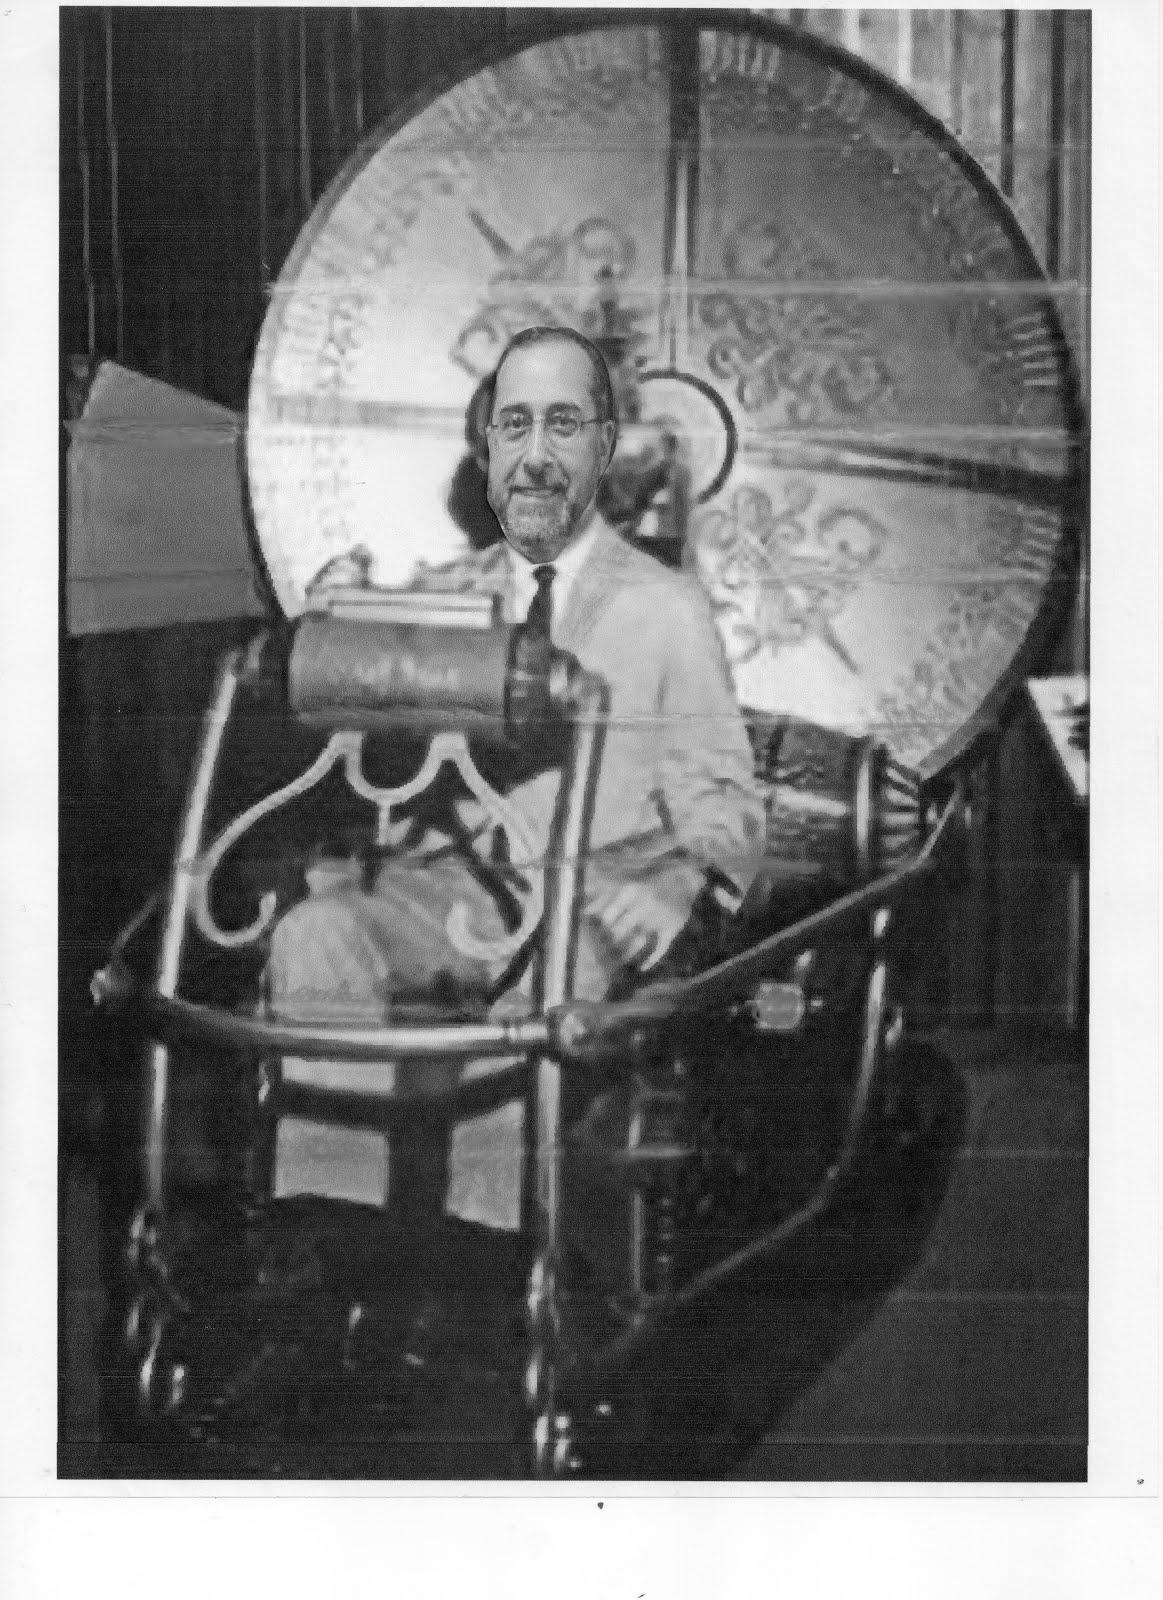 Mucci in his Time Machine